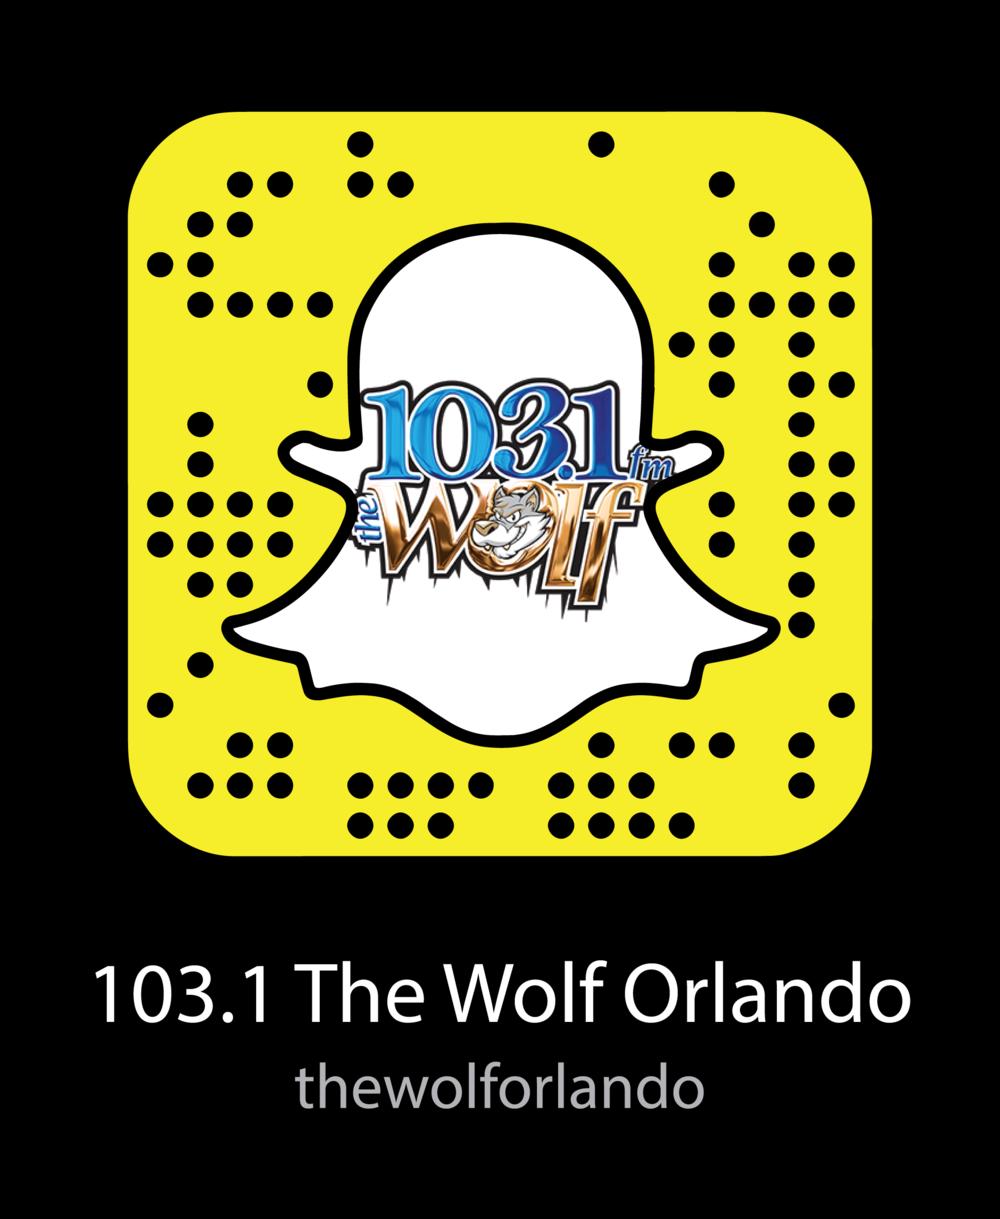 thewolforlando-snapchat-snapcode.png